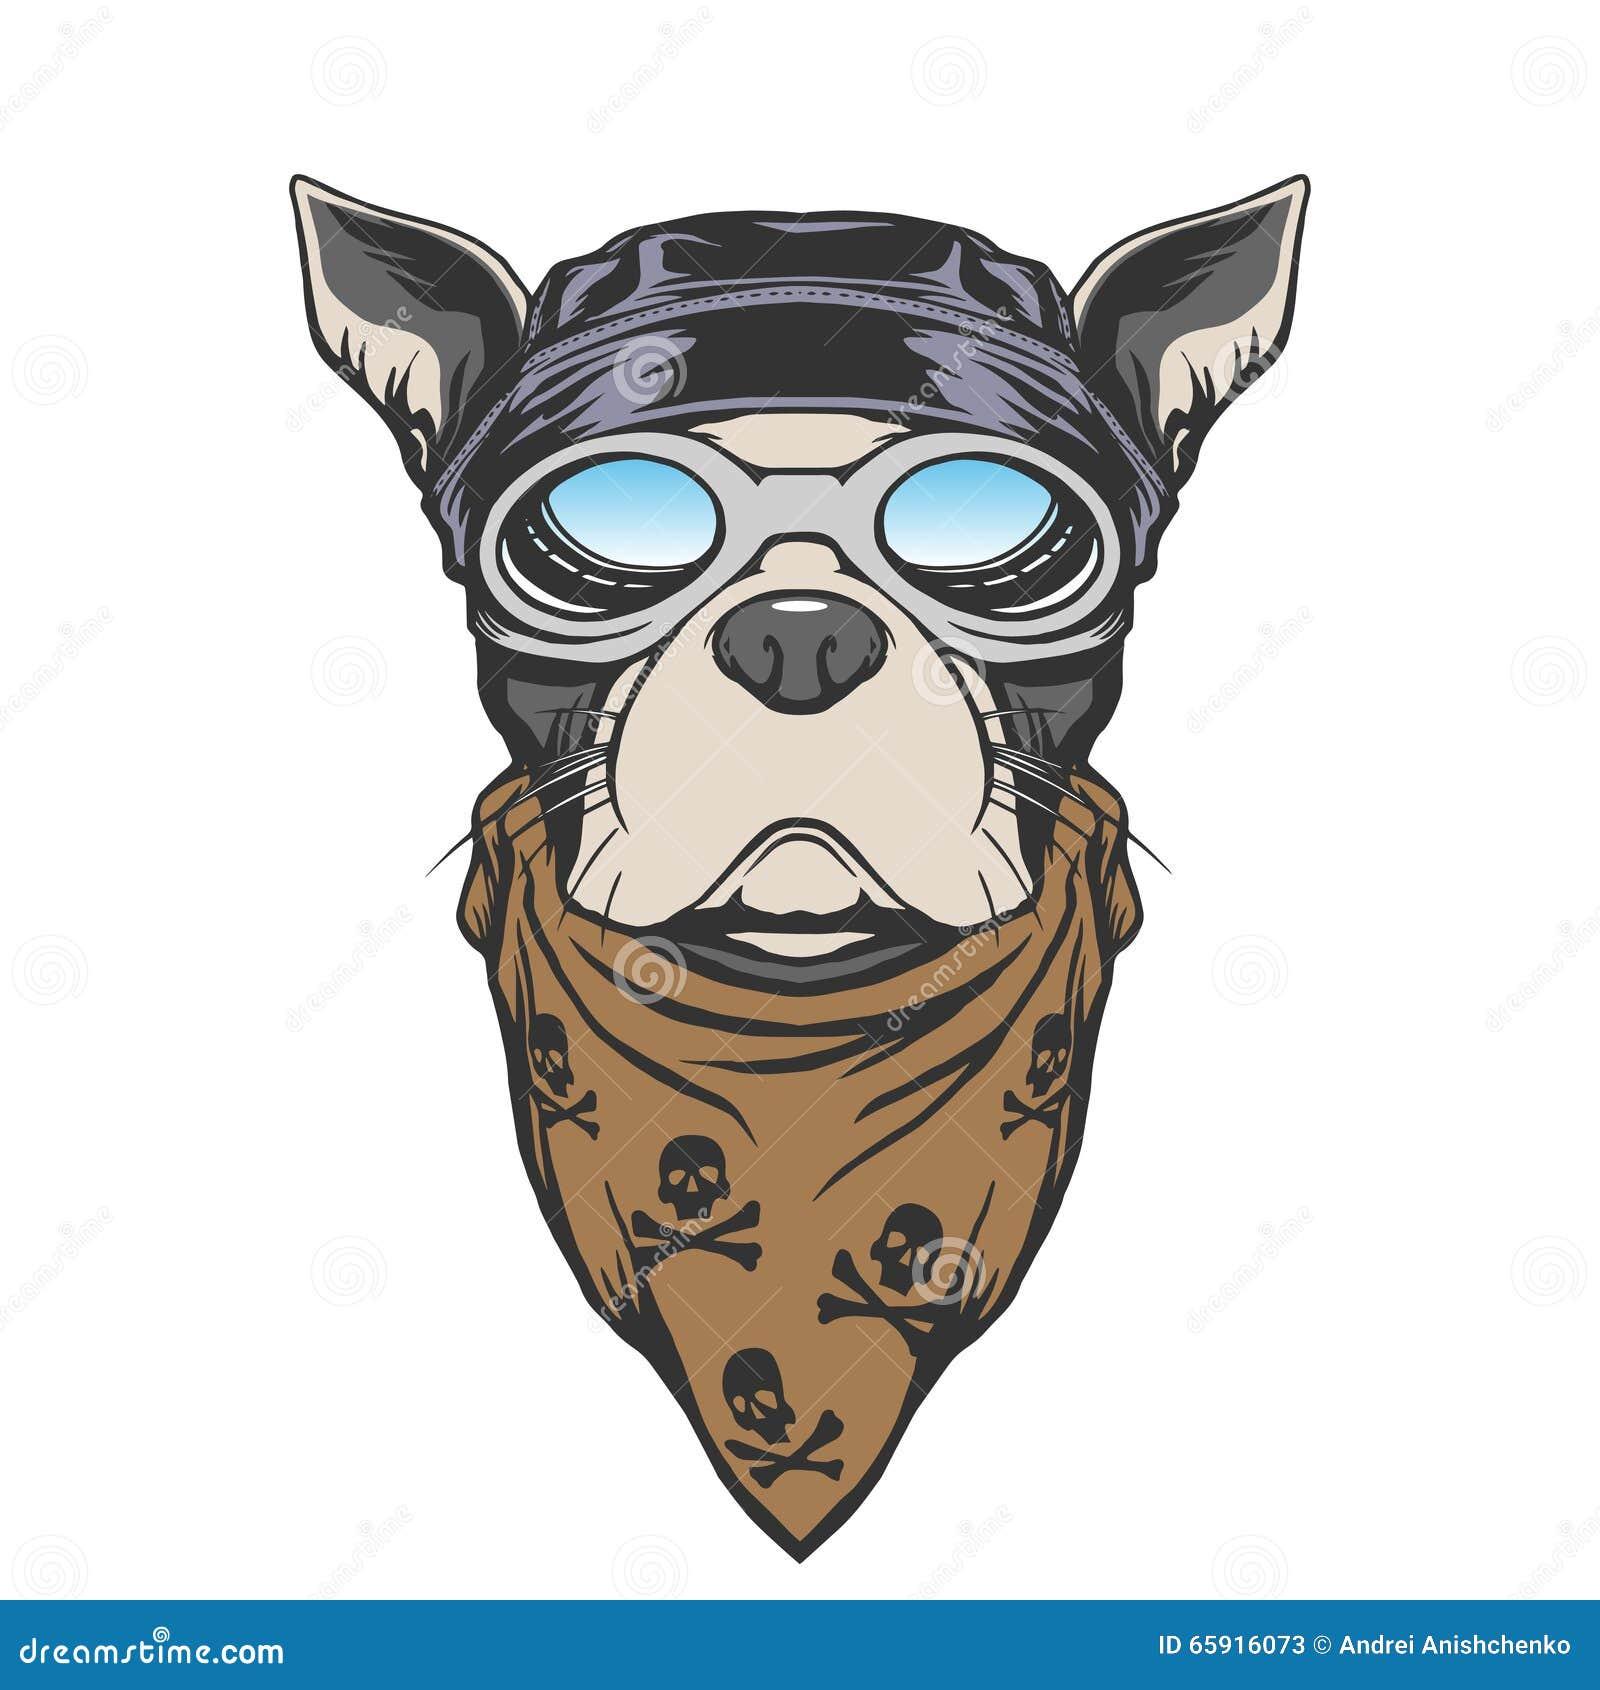 Dog Biker Illustration Stock Vector Illustration Of Puppy